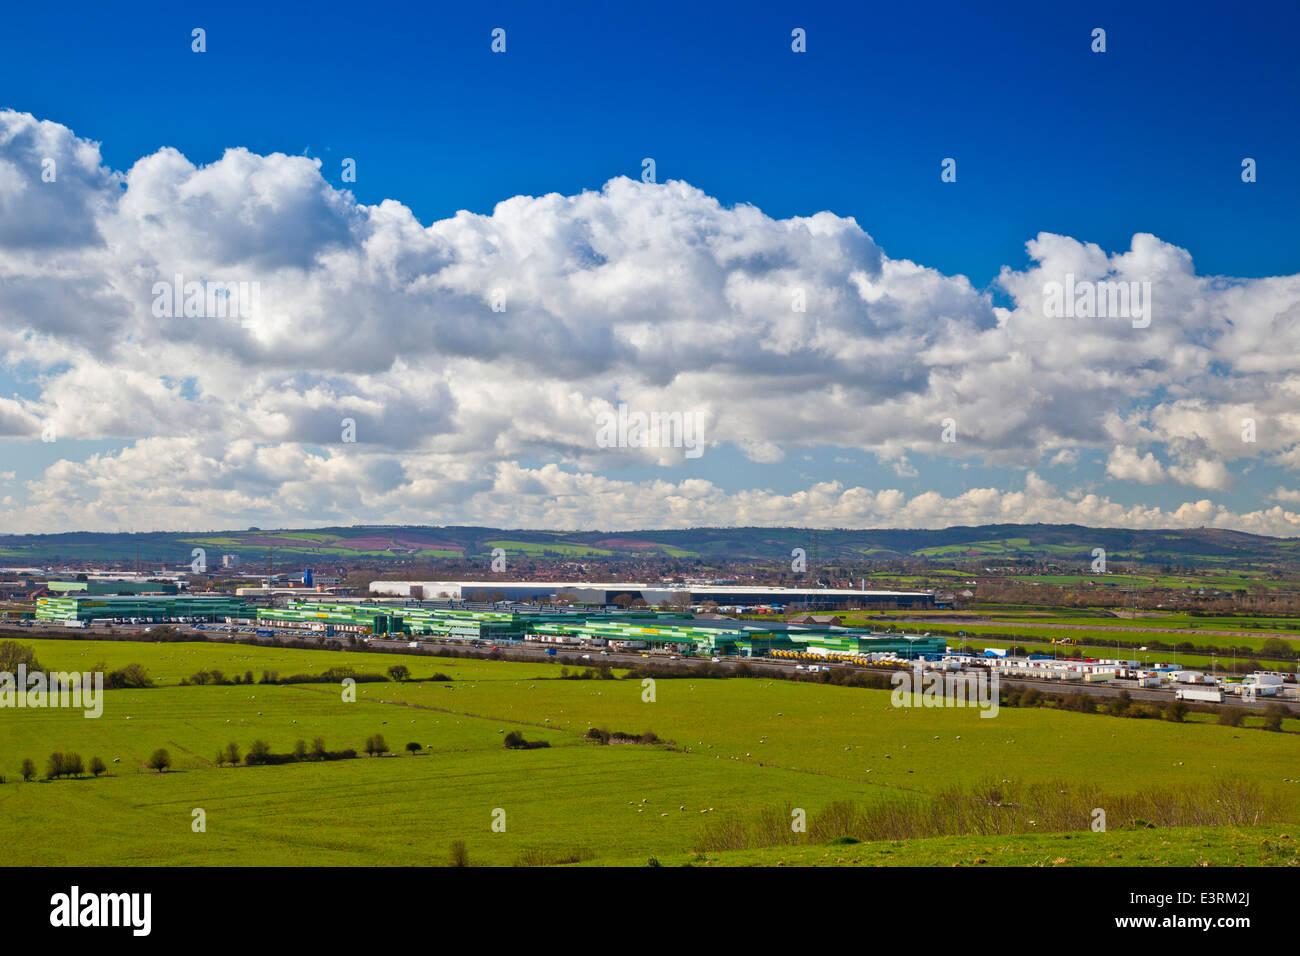 Entrepôt de distribution de Morrison à Bridgwater, Somerset, Angleterre - camouflé pour qu'il Photo Stock